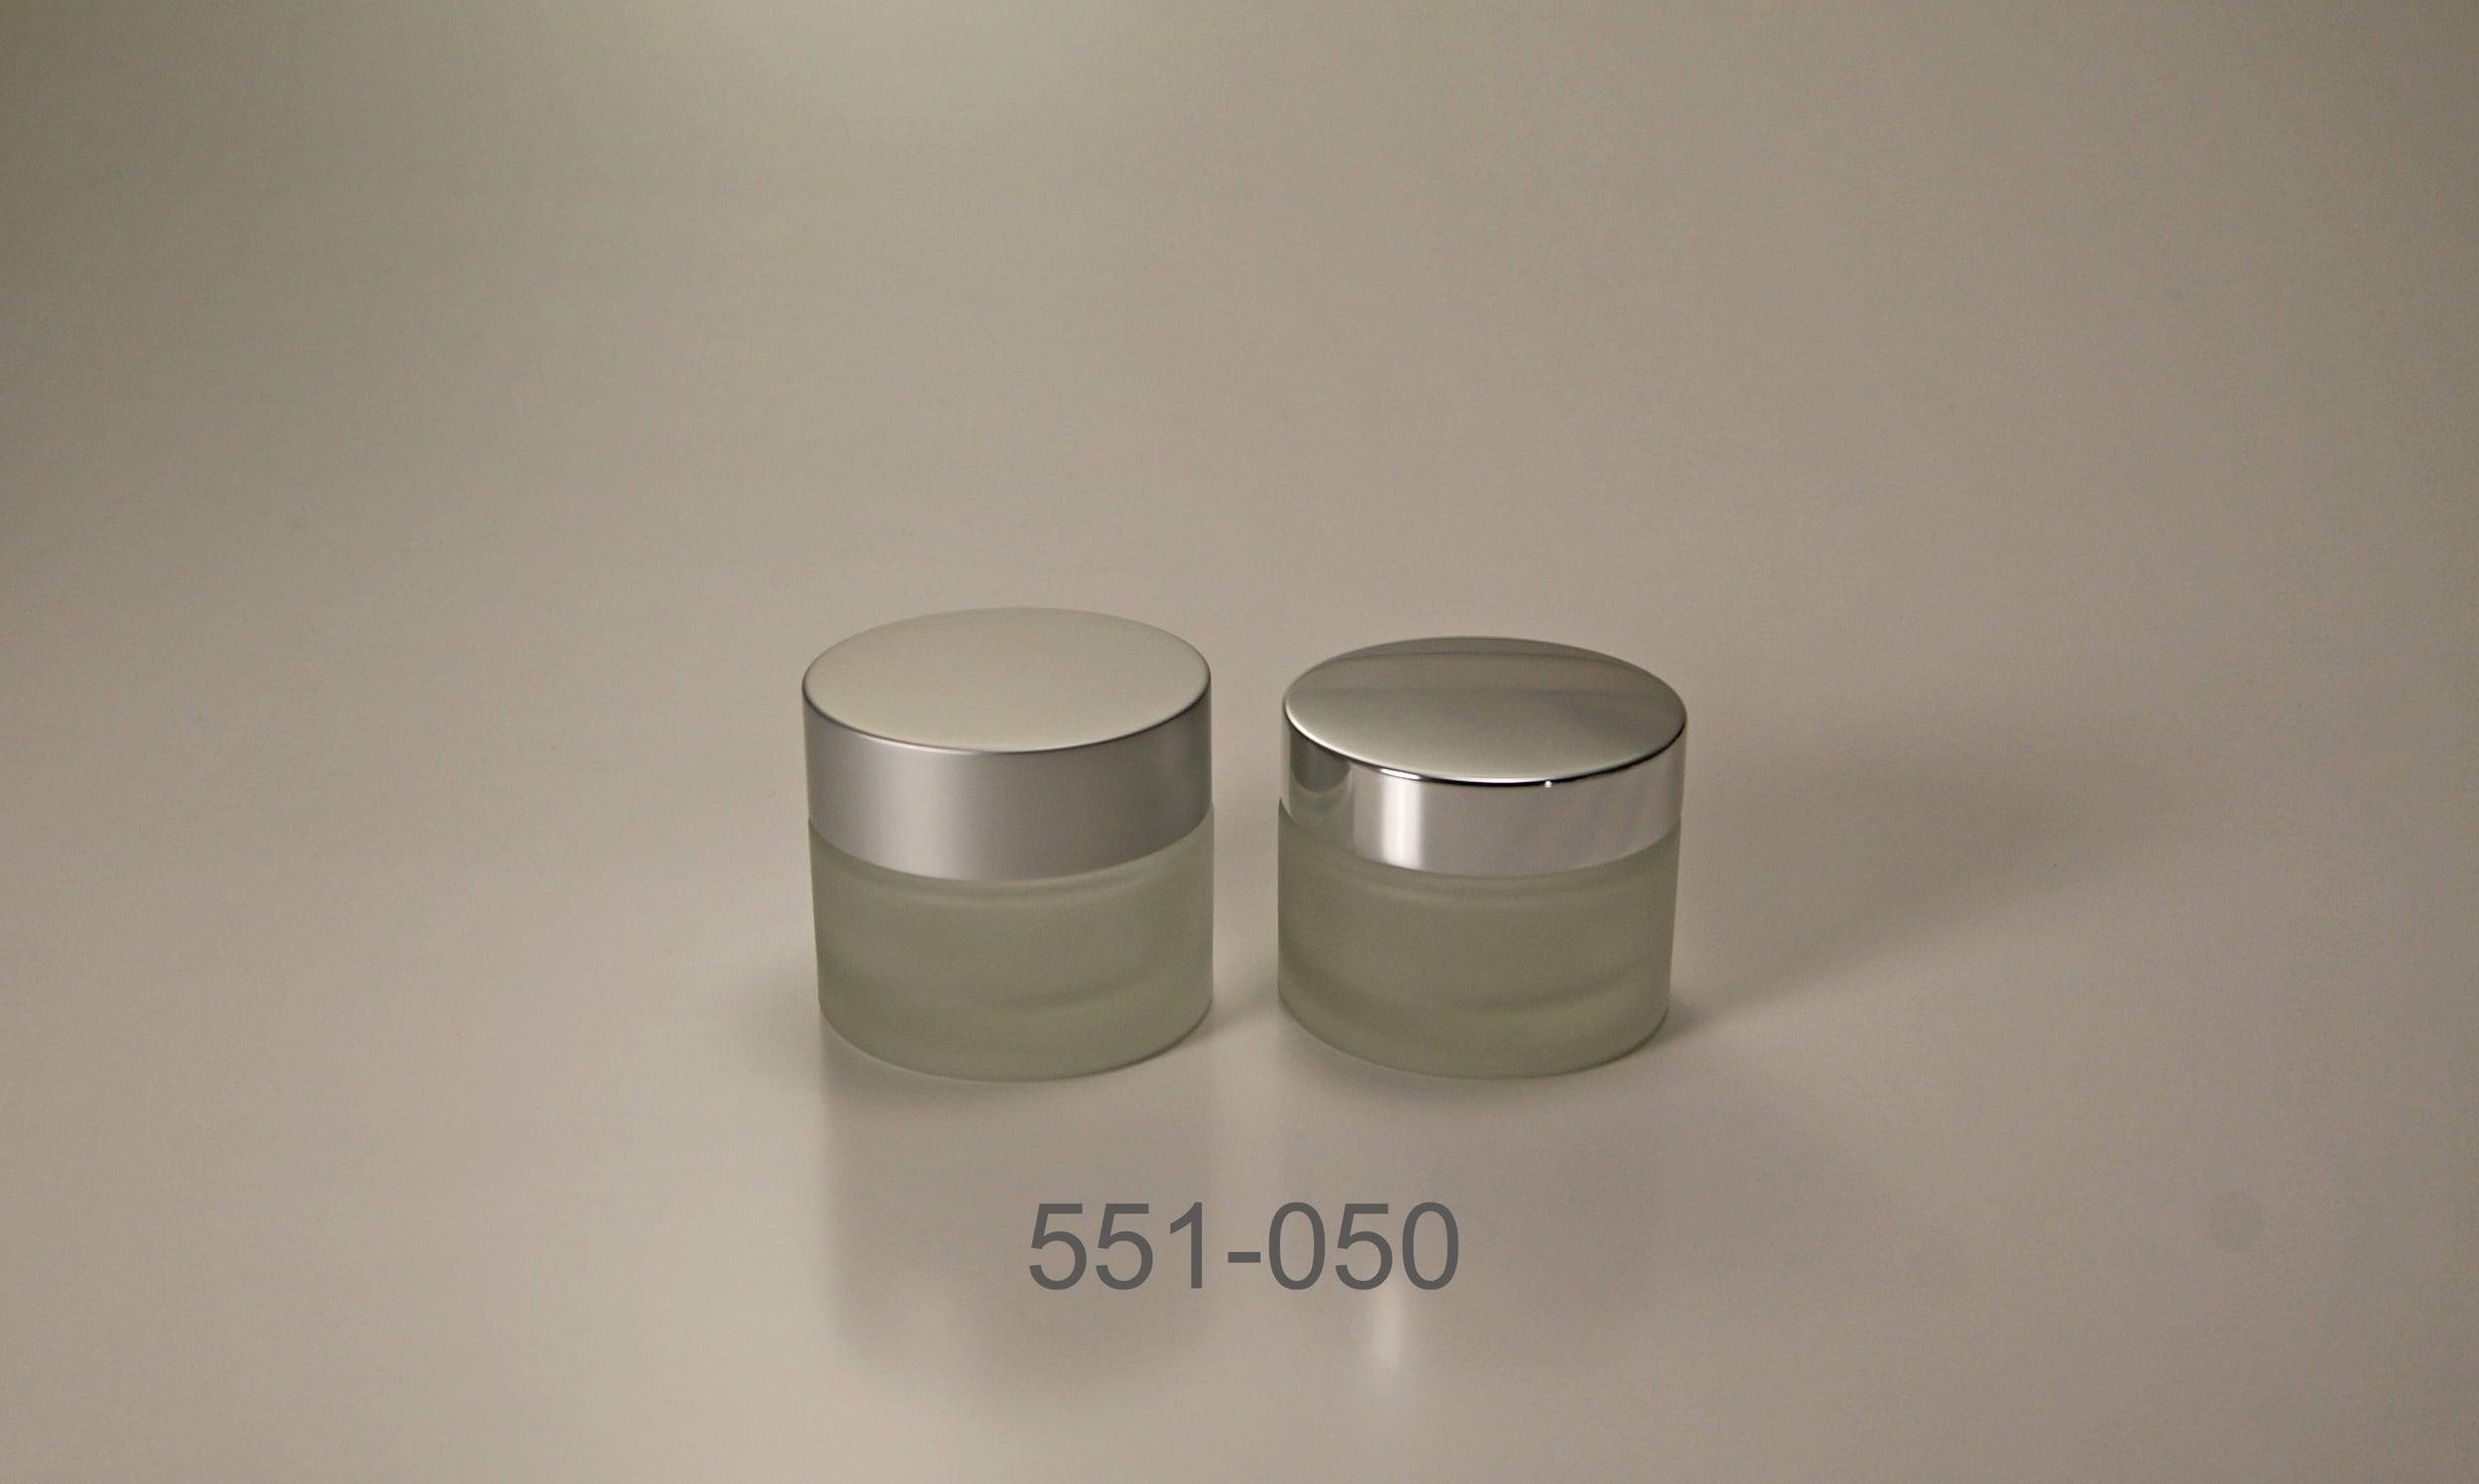 551-050.jpg